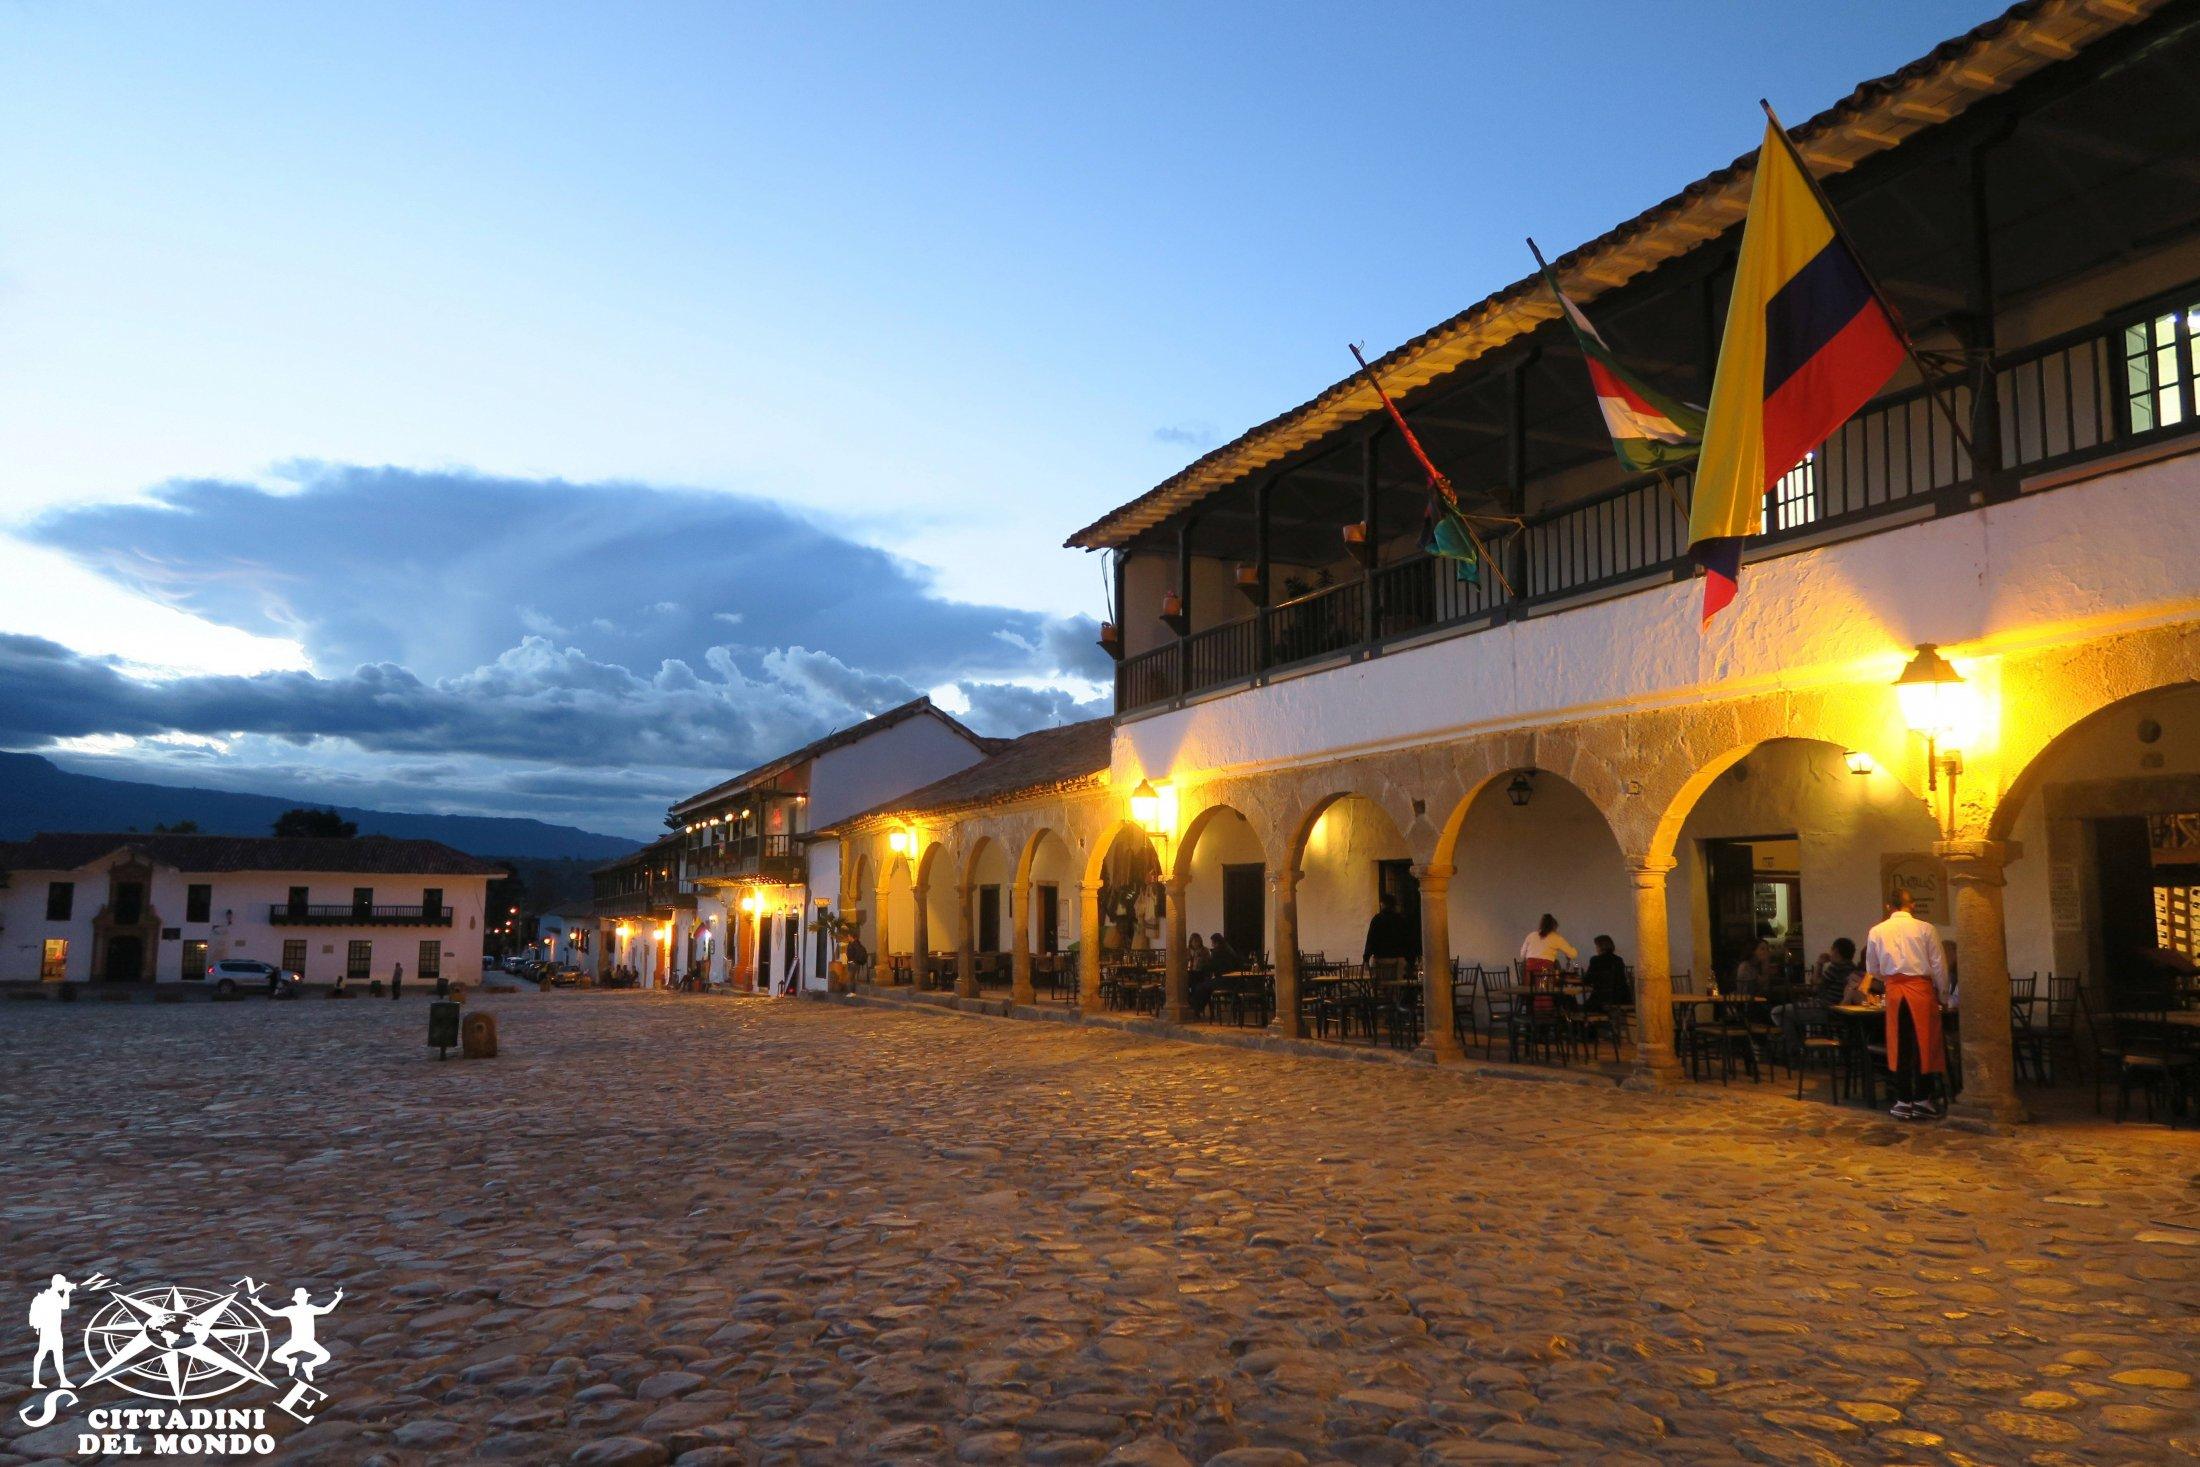 Galleria Colombia: Villa de Leyva